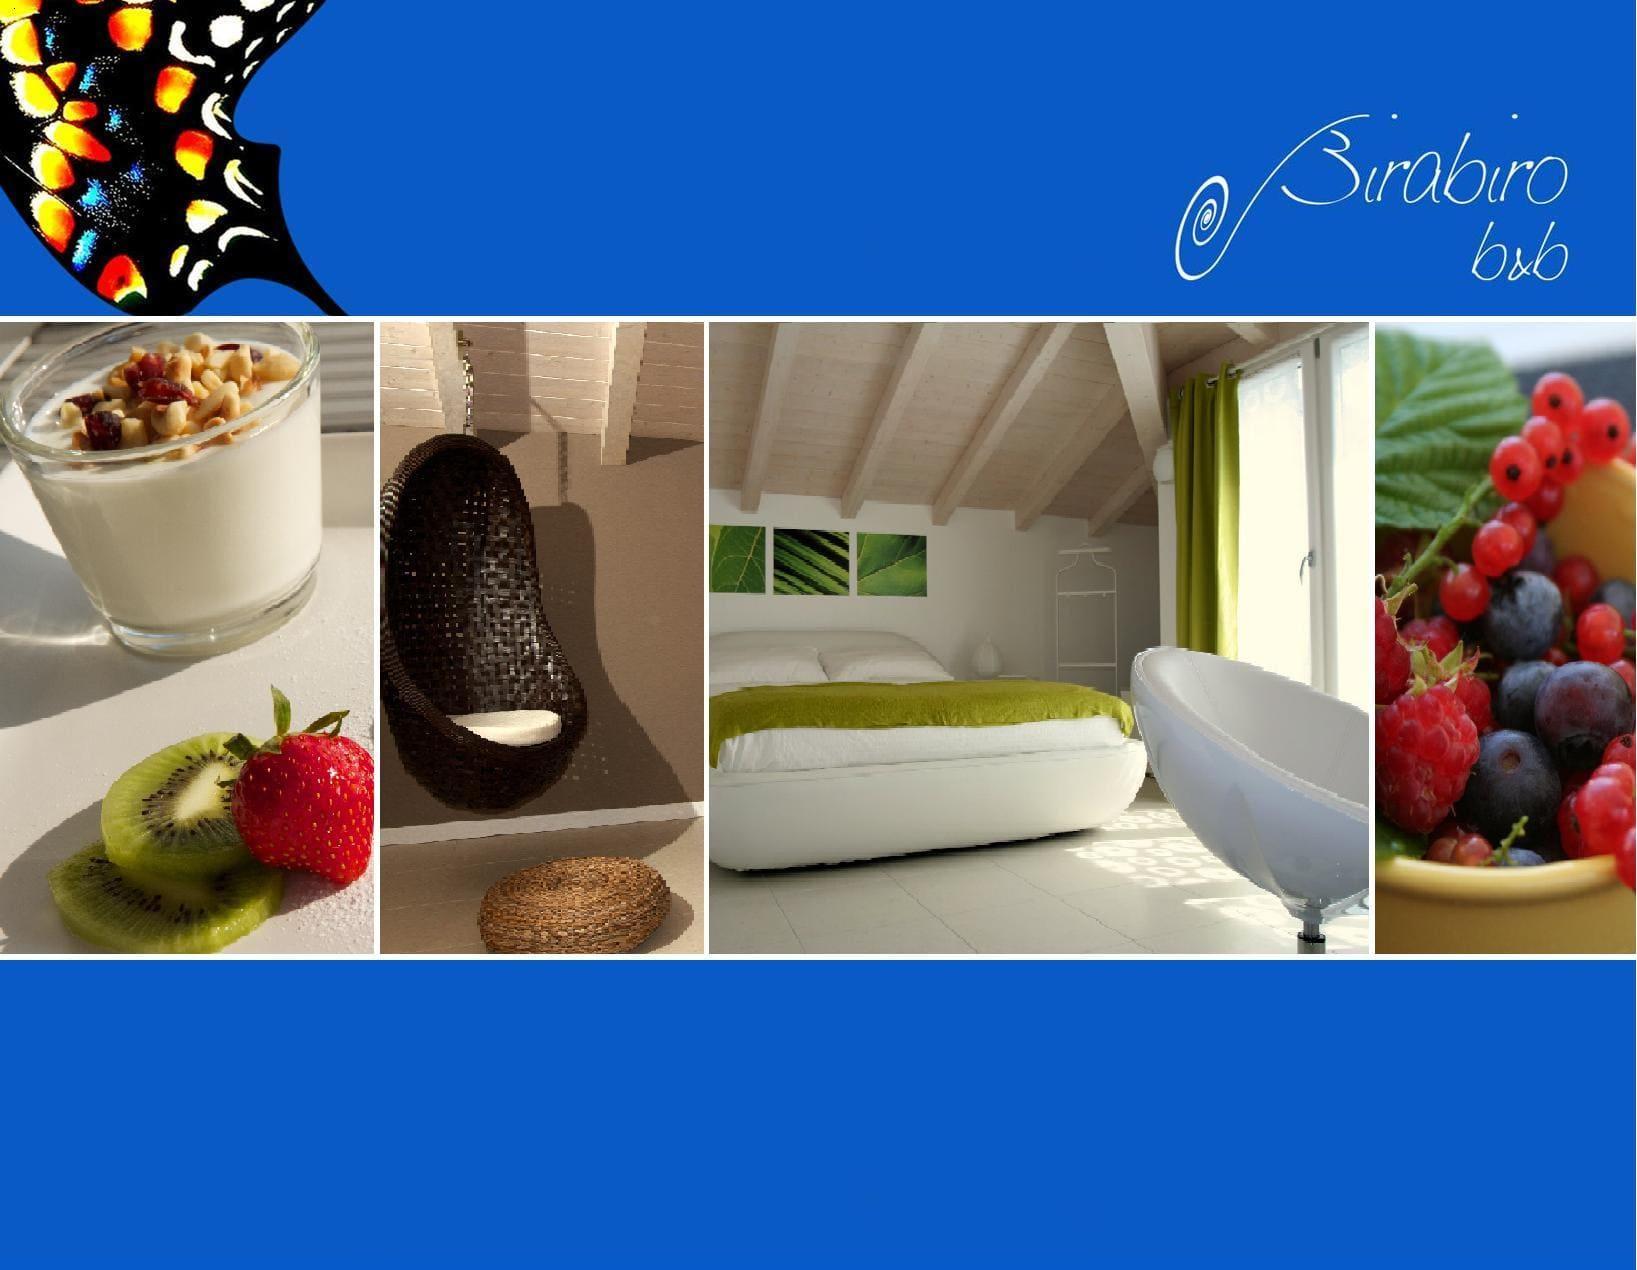 bed-breakfast-birabiro